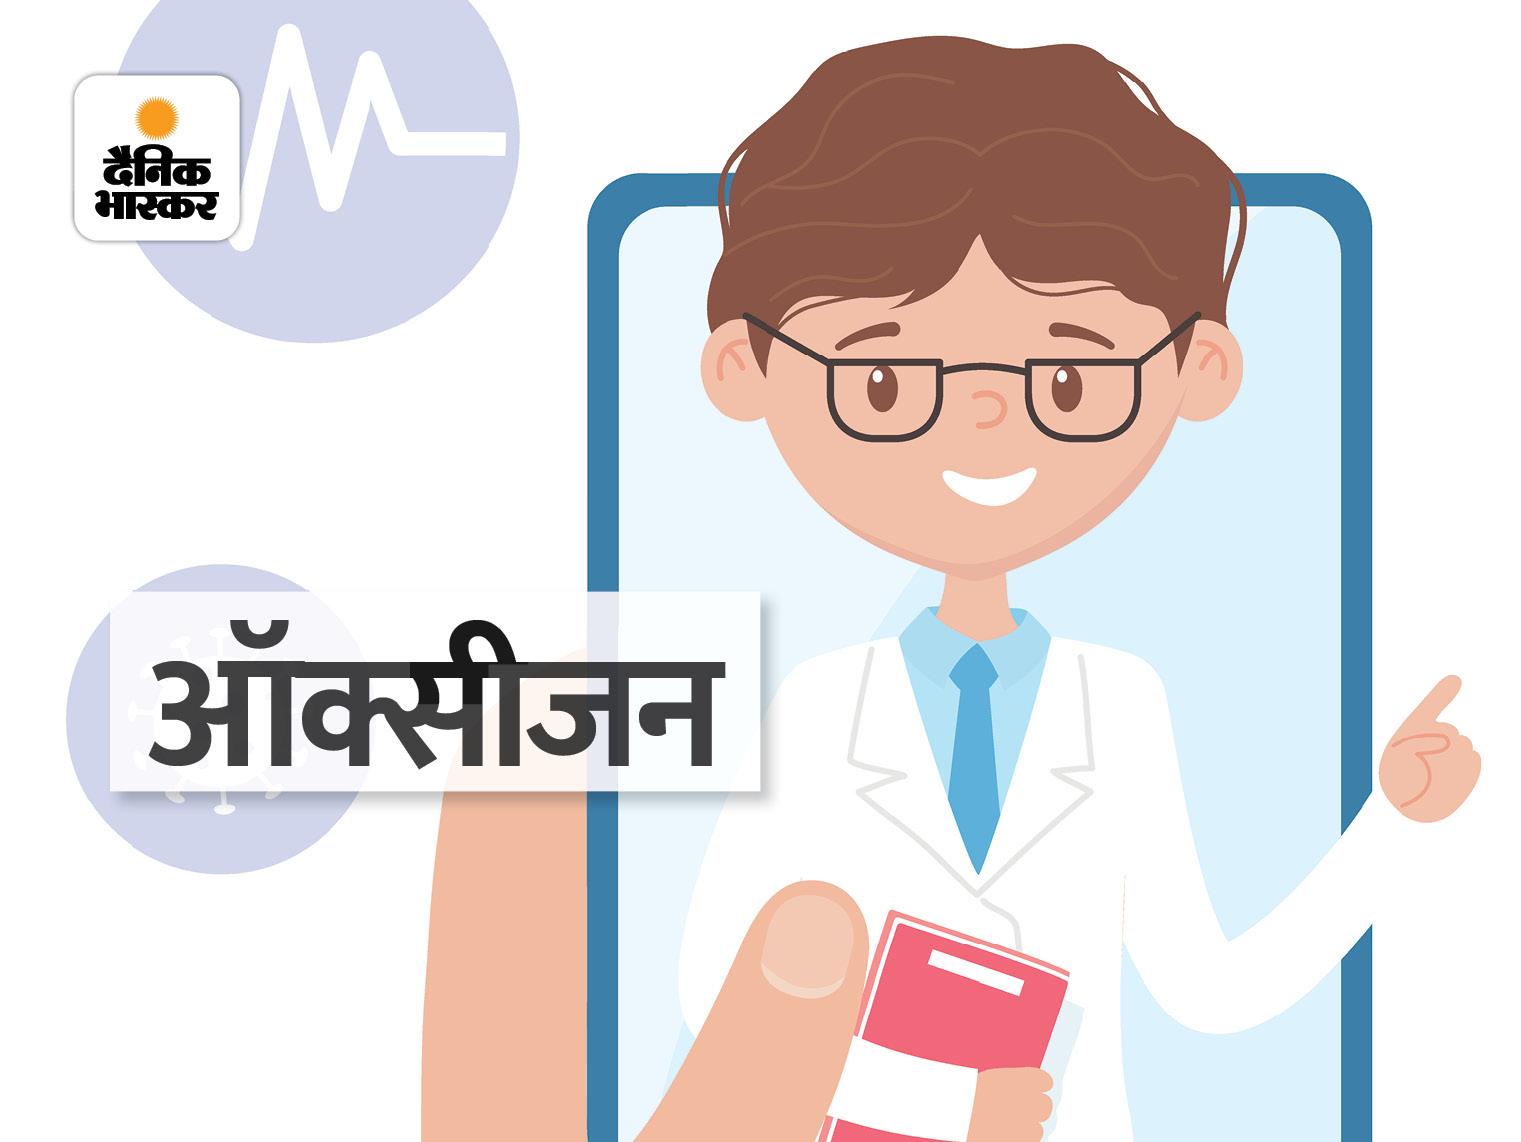 कैसे कहती कि मैंने ही खेल-खेल में दिल की बात कह दी थी कि मुझे डॉक्टरों की जिंदगीपसंद नहीं, प्रशासनिक अधिकारी की पत्नी बनना चाहती हूंमैं|कहानी,Story - Dainik Bhaskar